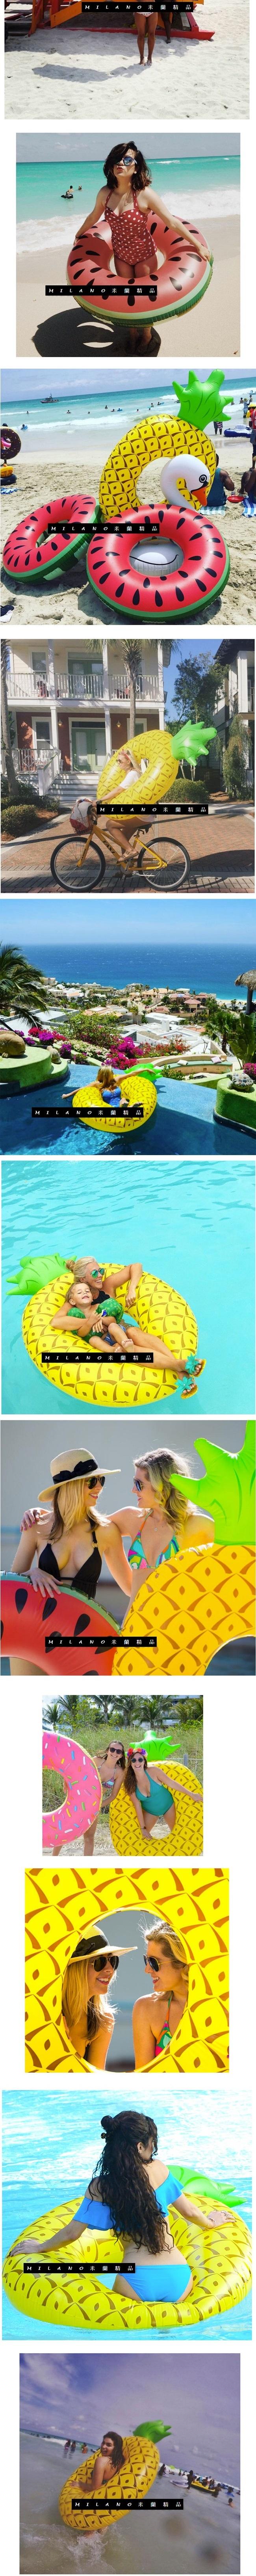 游泳圈 充氣-麵包造型加厚三人水上活動坐騎浮板